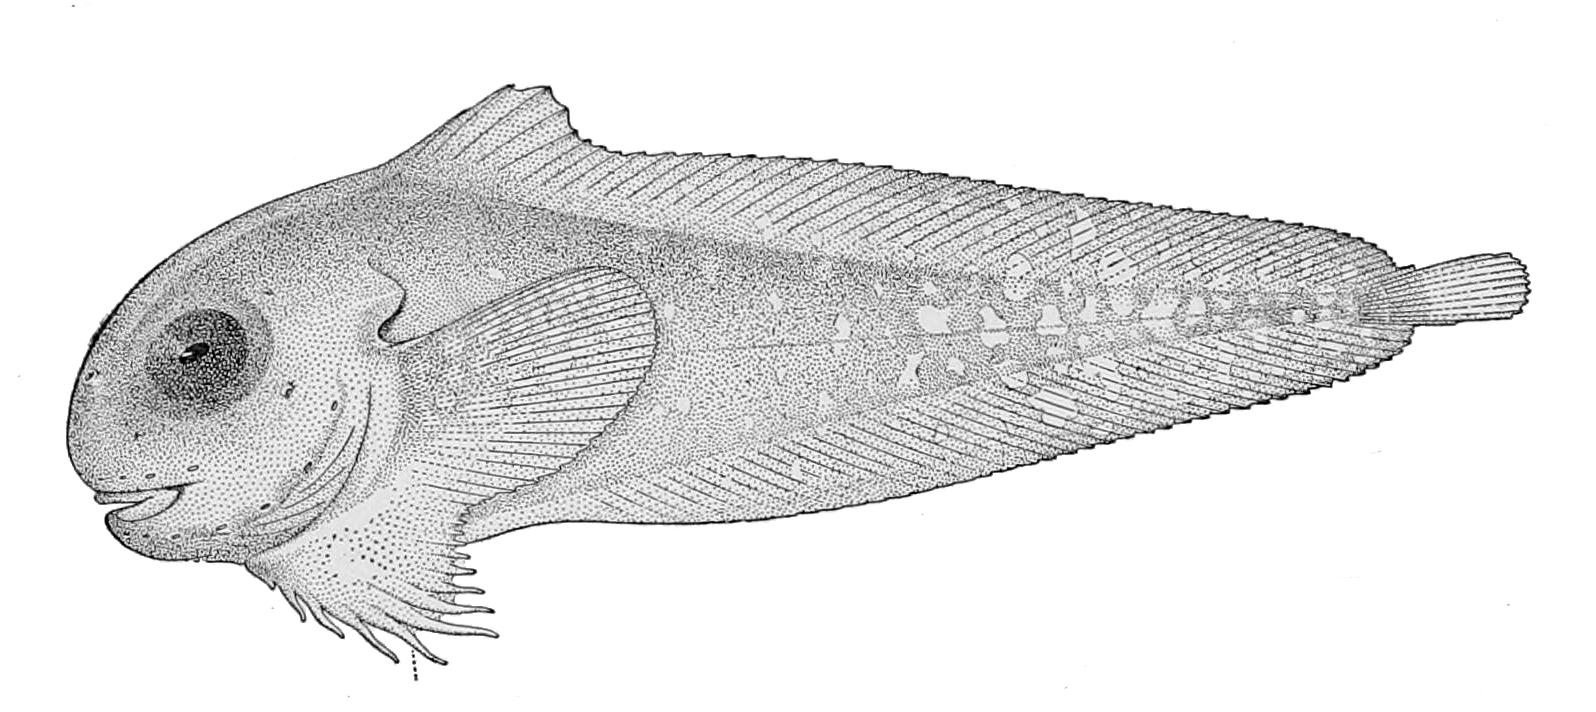 Image of Bigeye snailfish